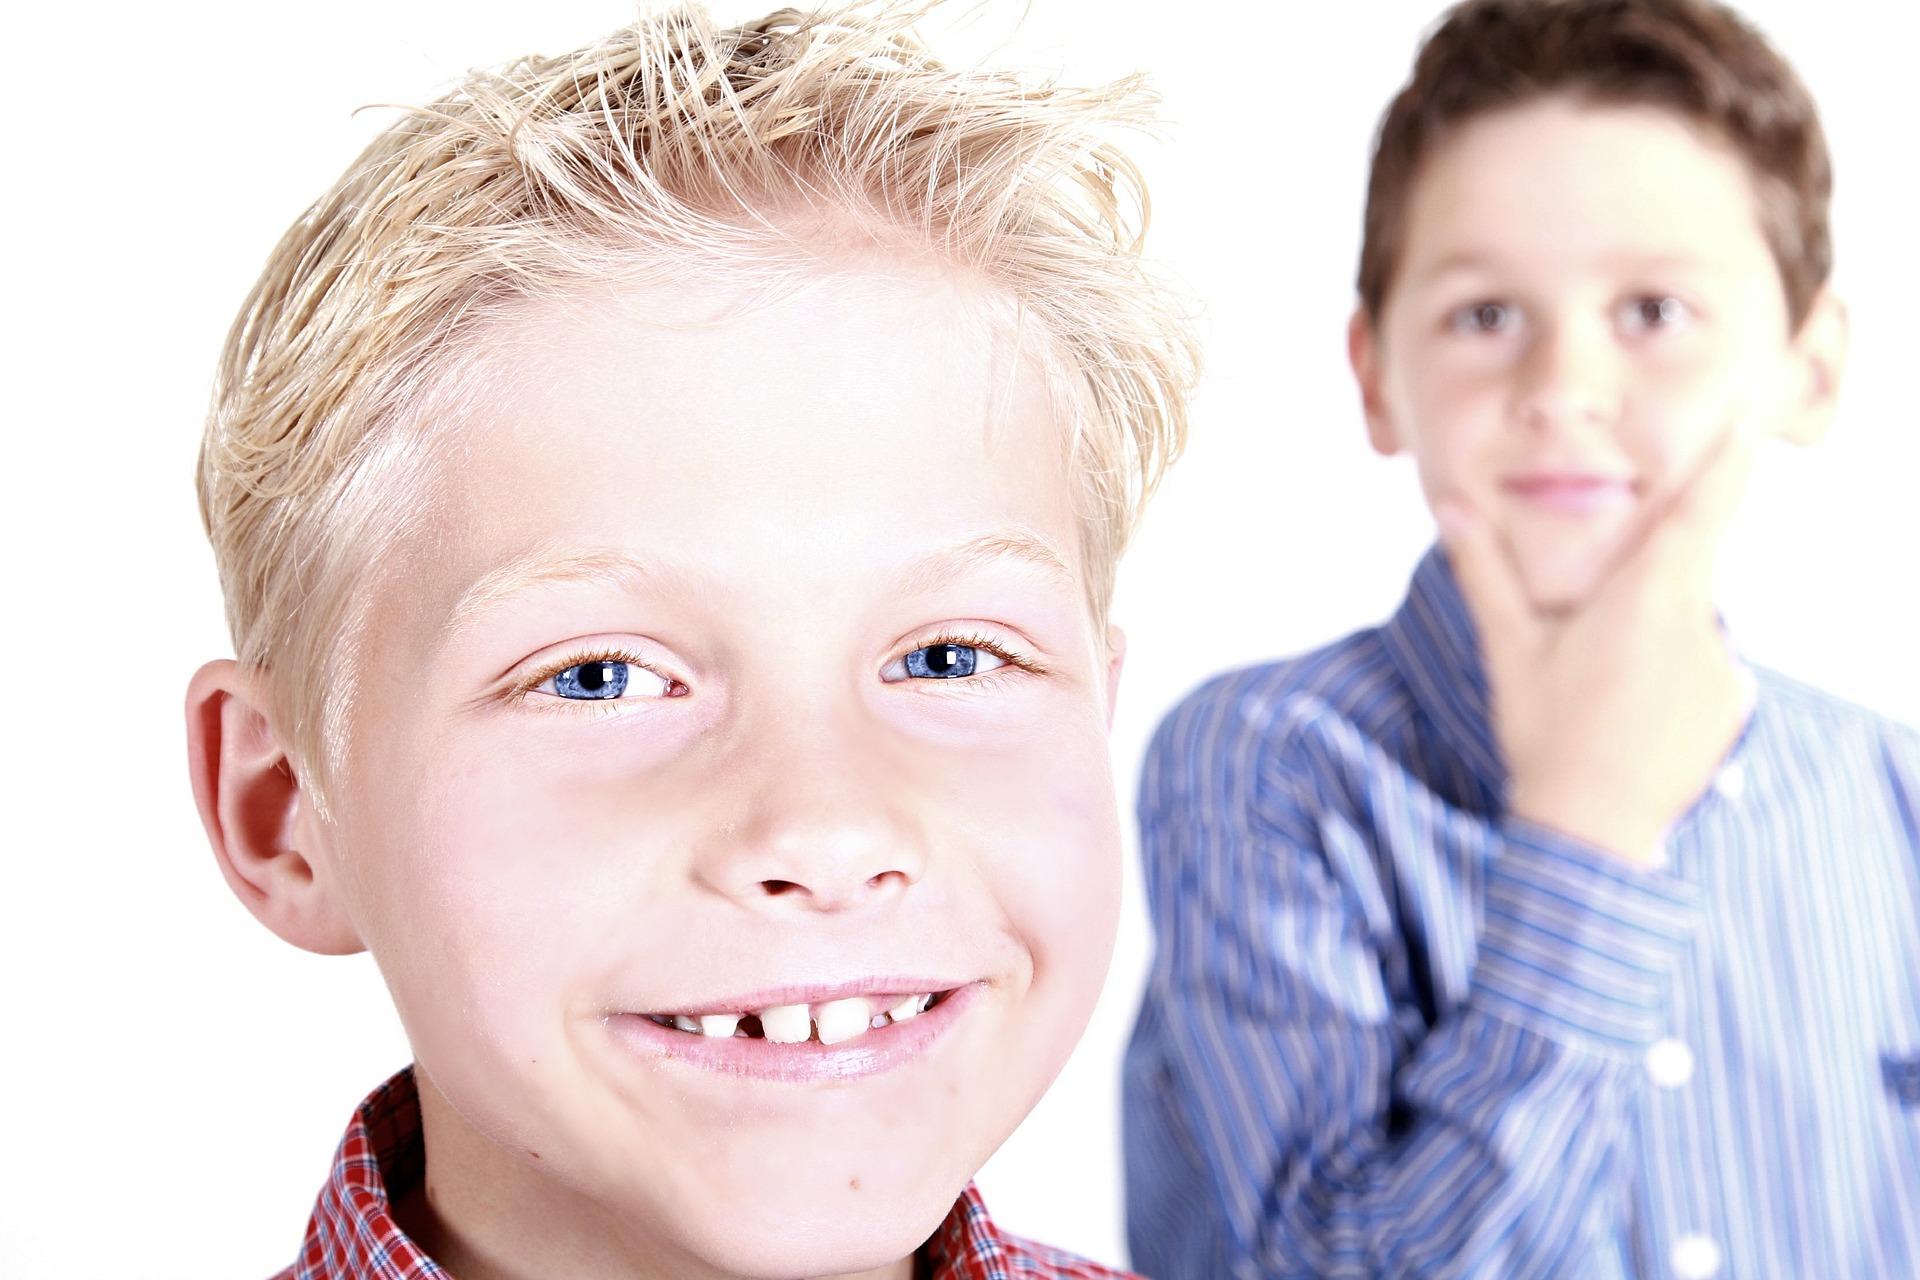 boys-554644_1920.jpg